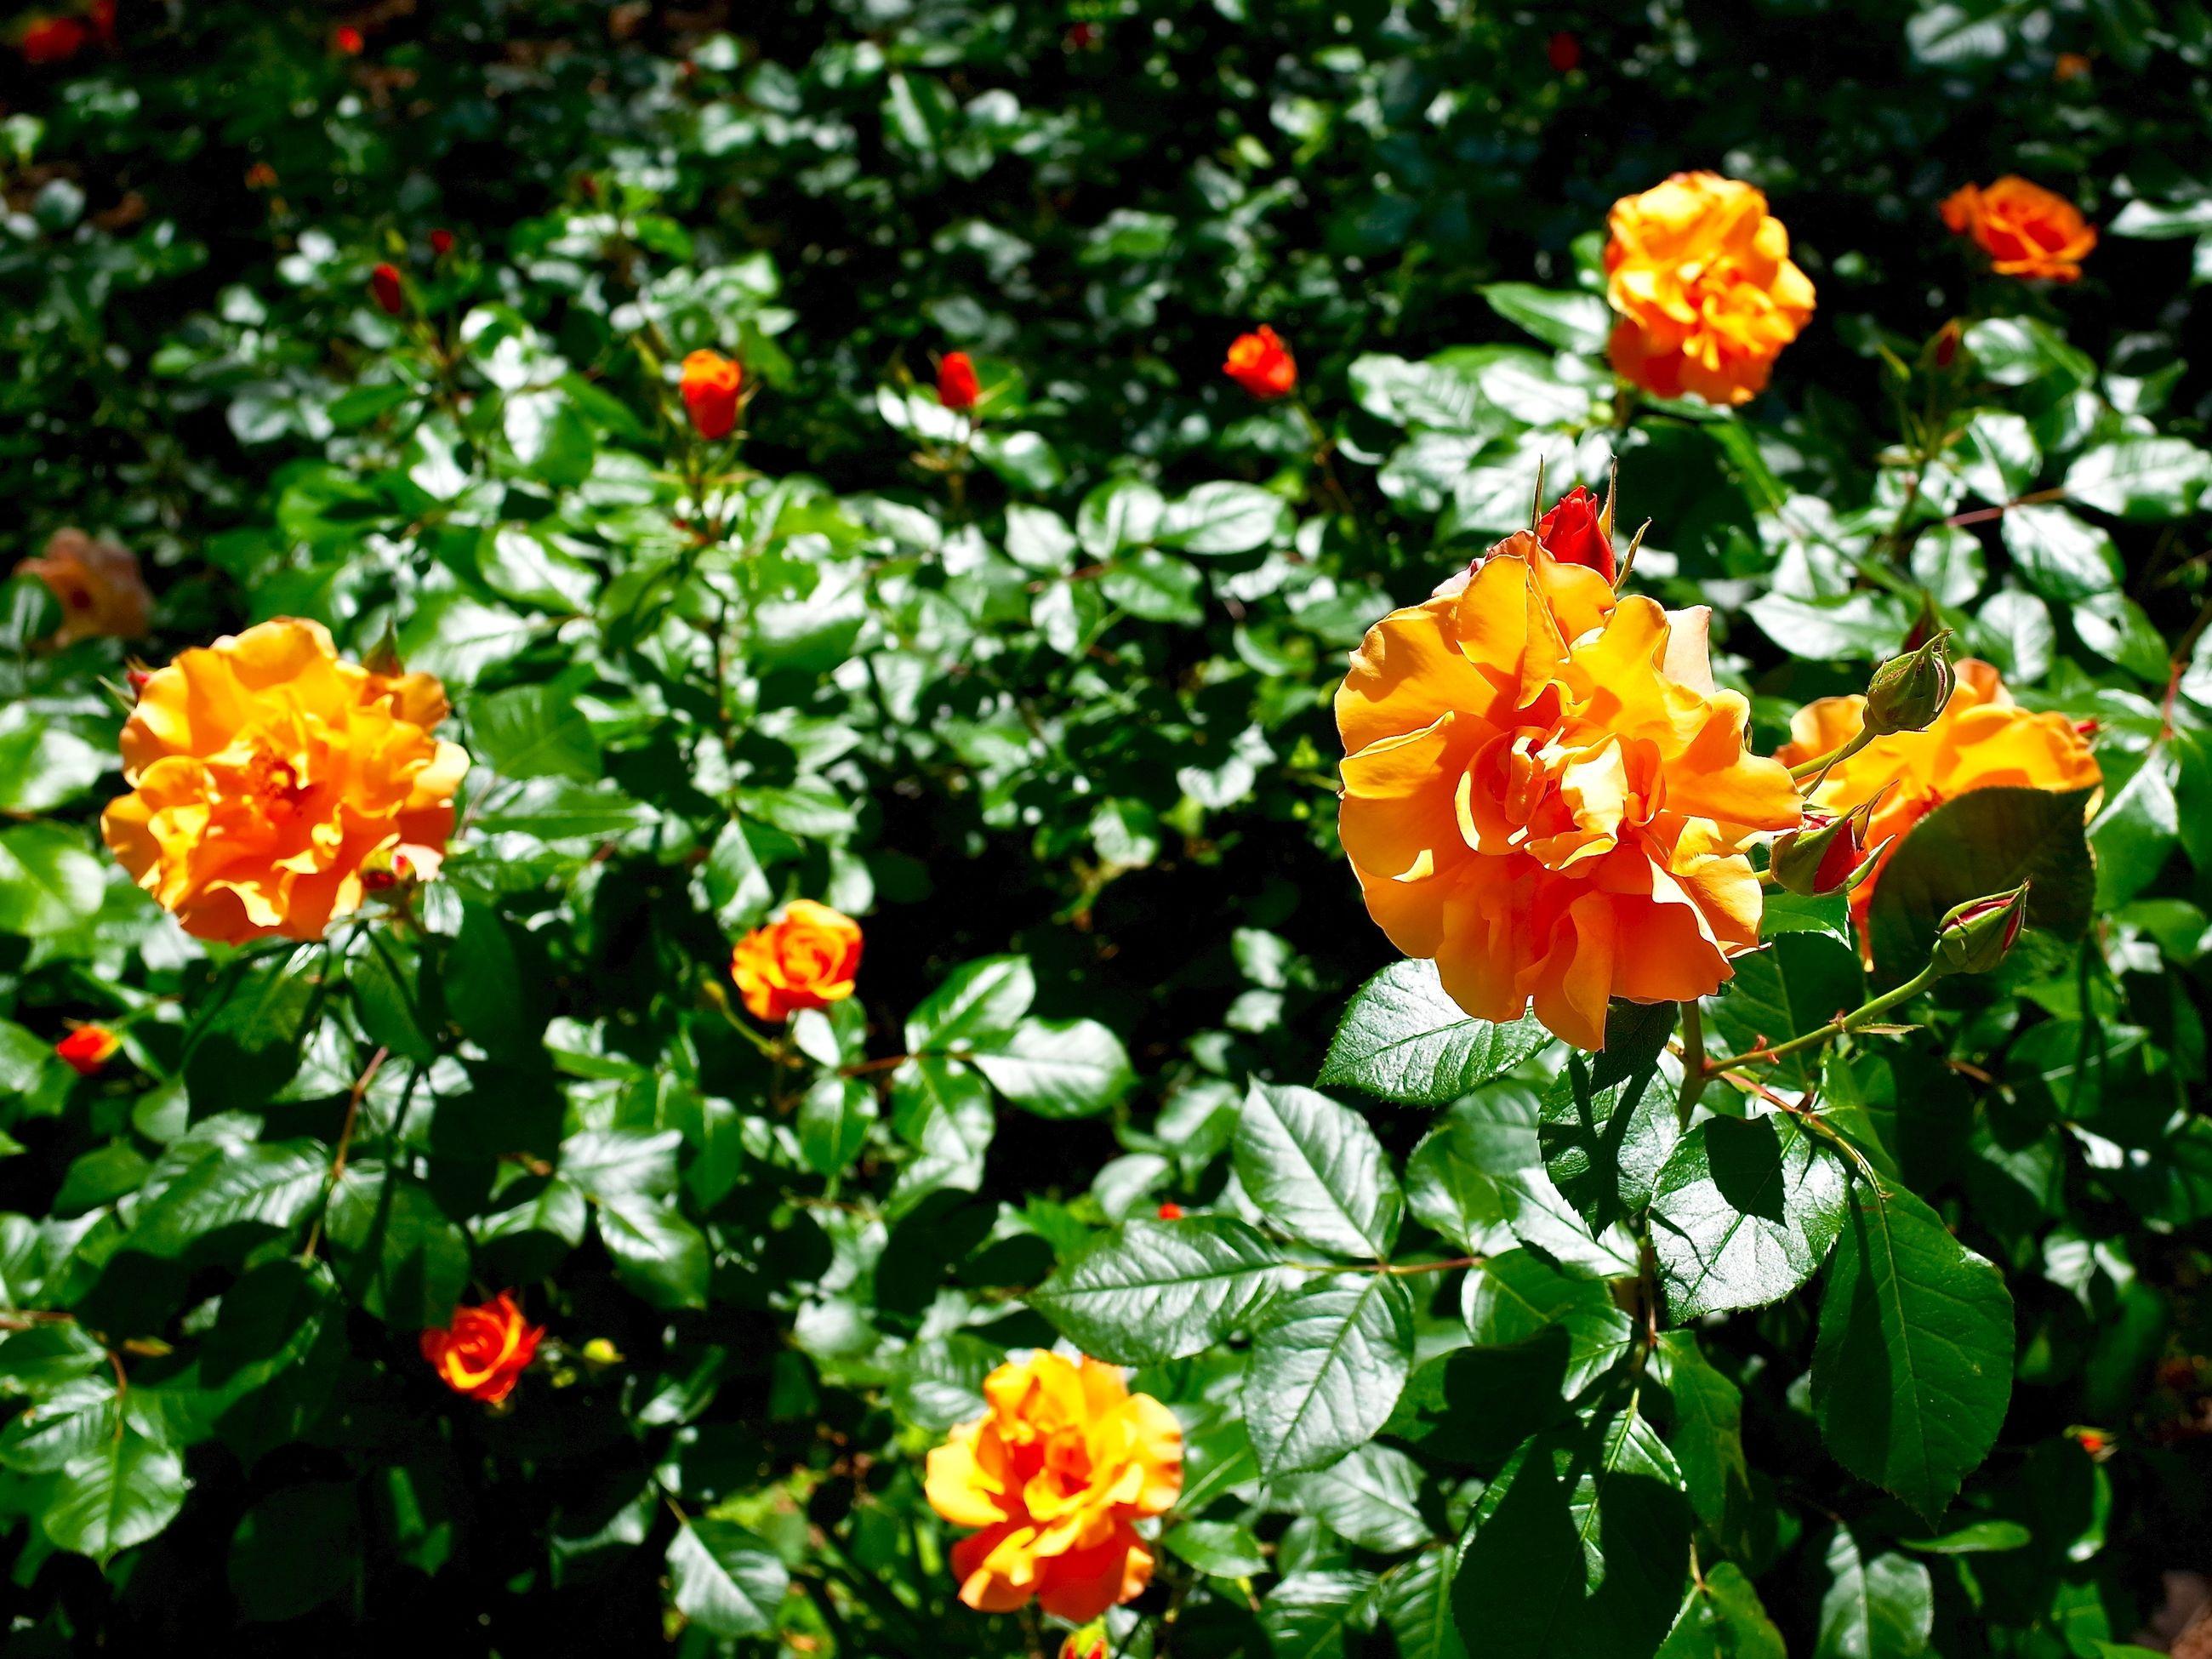 Orange flowers blooming in park